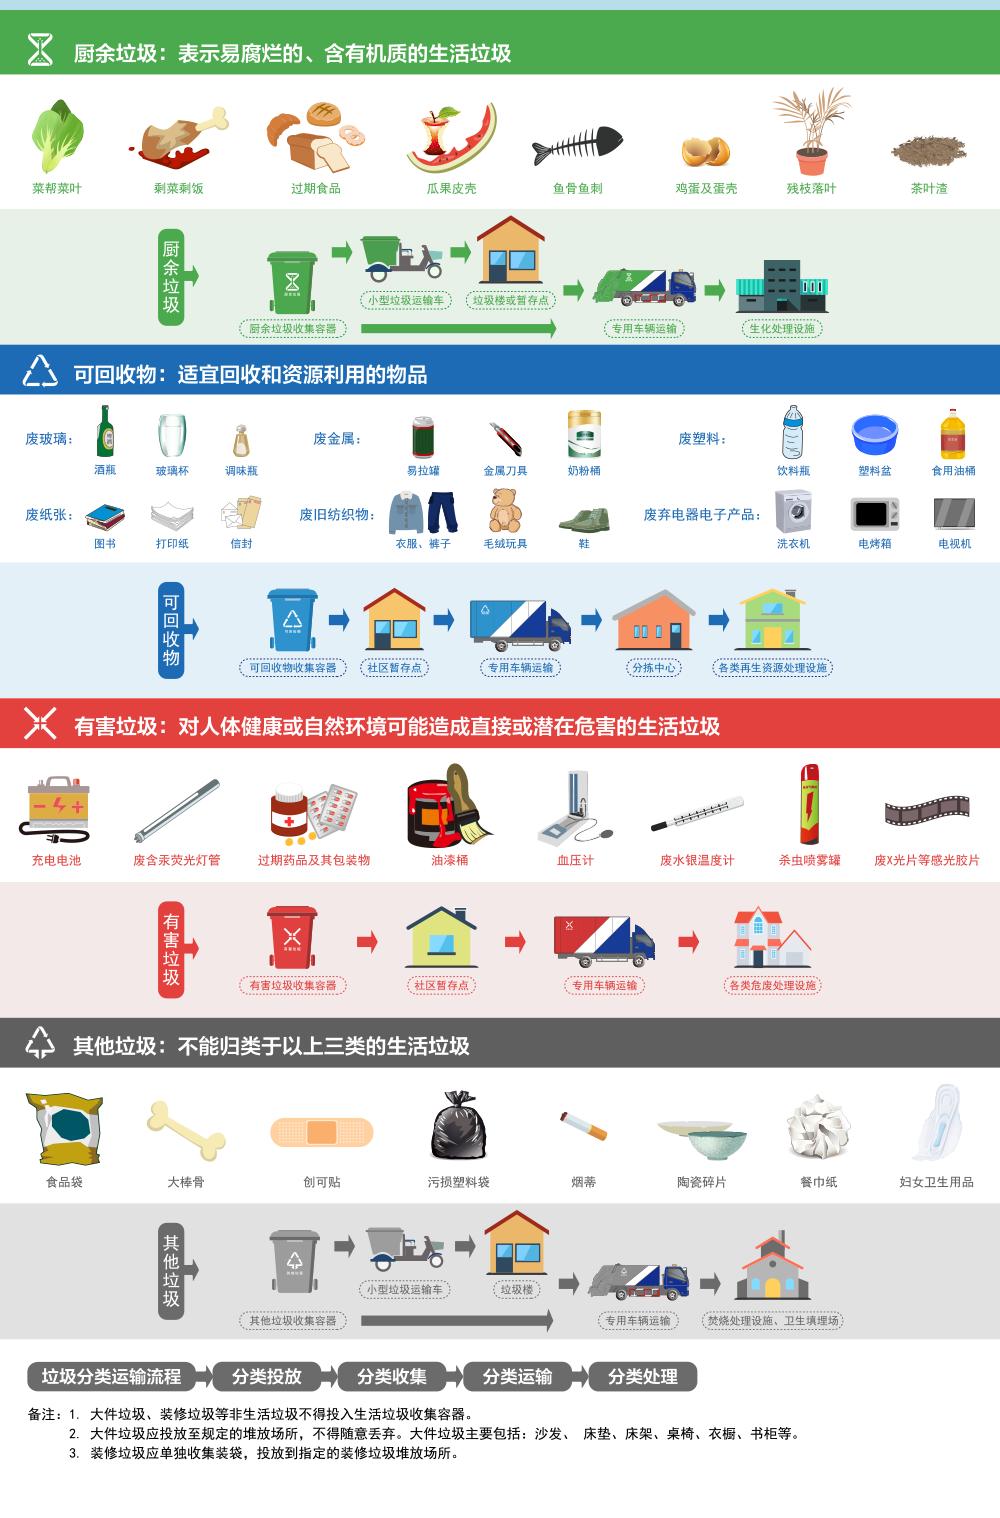 [网连中国]多地探索:智能引导、变废为宝,垃圾分类也能很简单图片